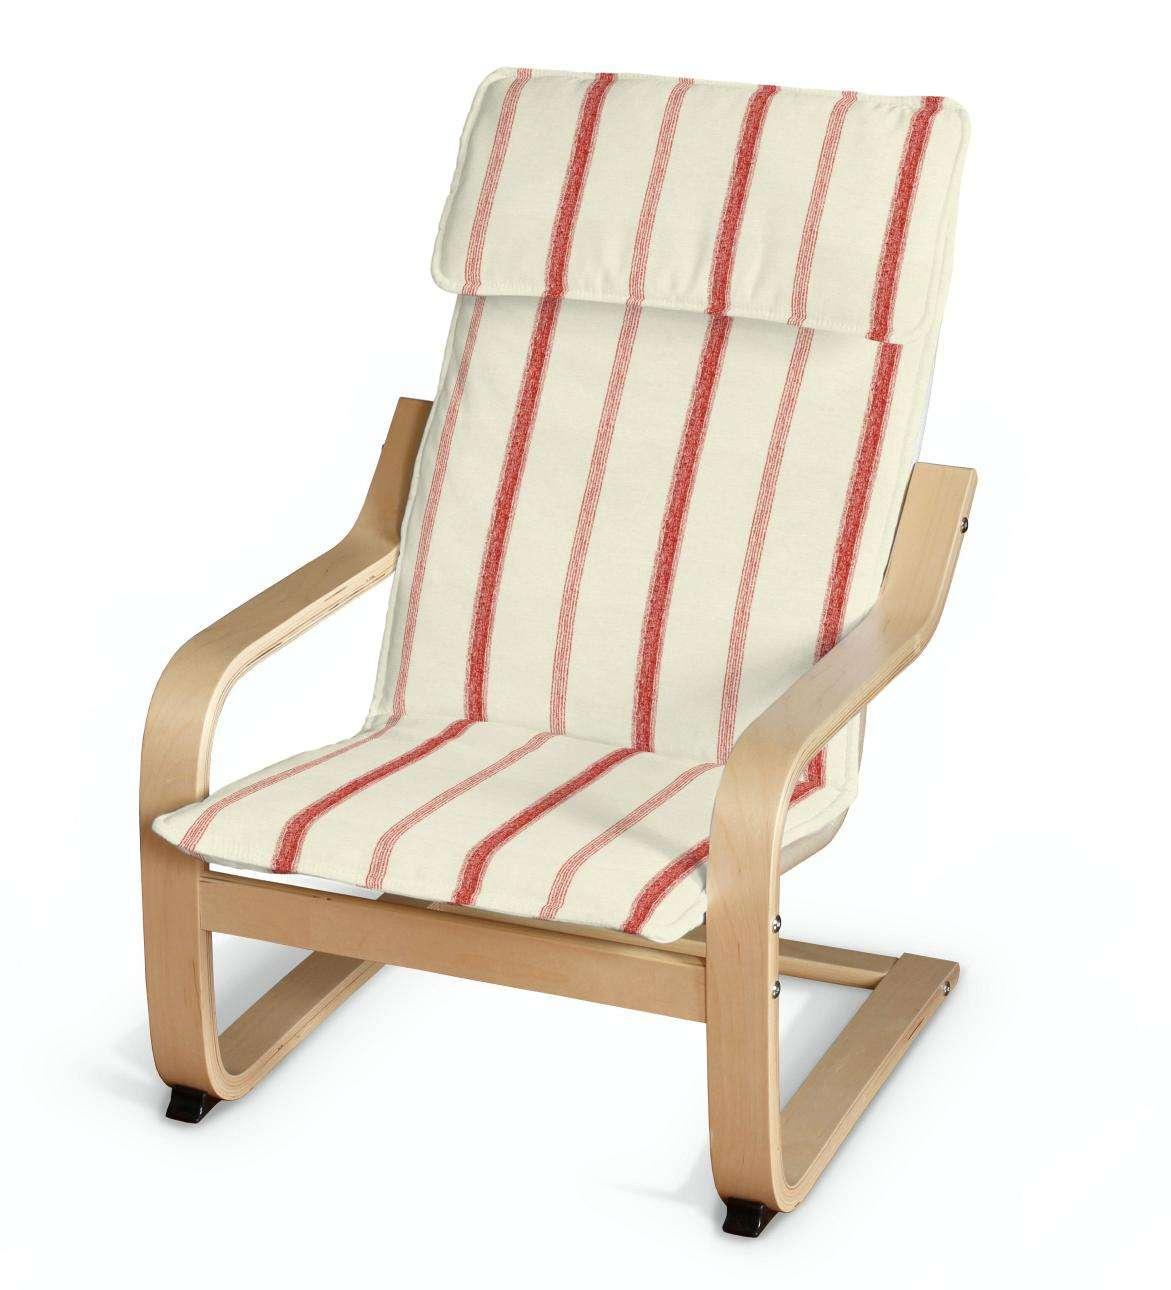 Poduszka na fotelik dziecięcy Poäng w kolekcji Avinon, tkanina: 129-15